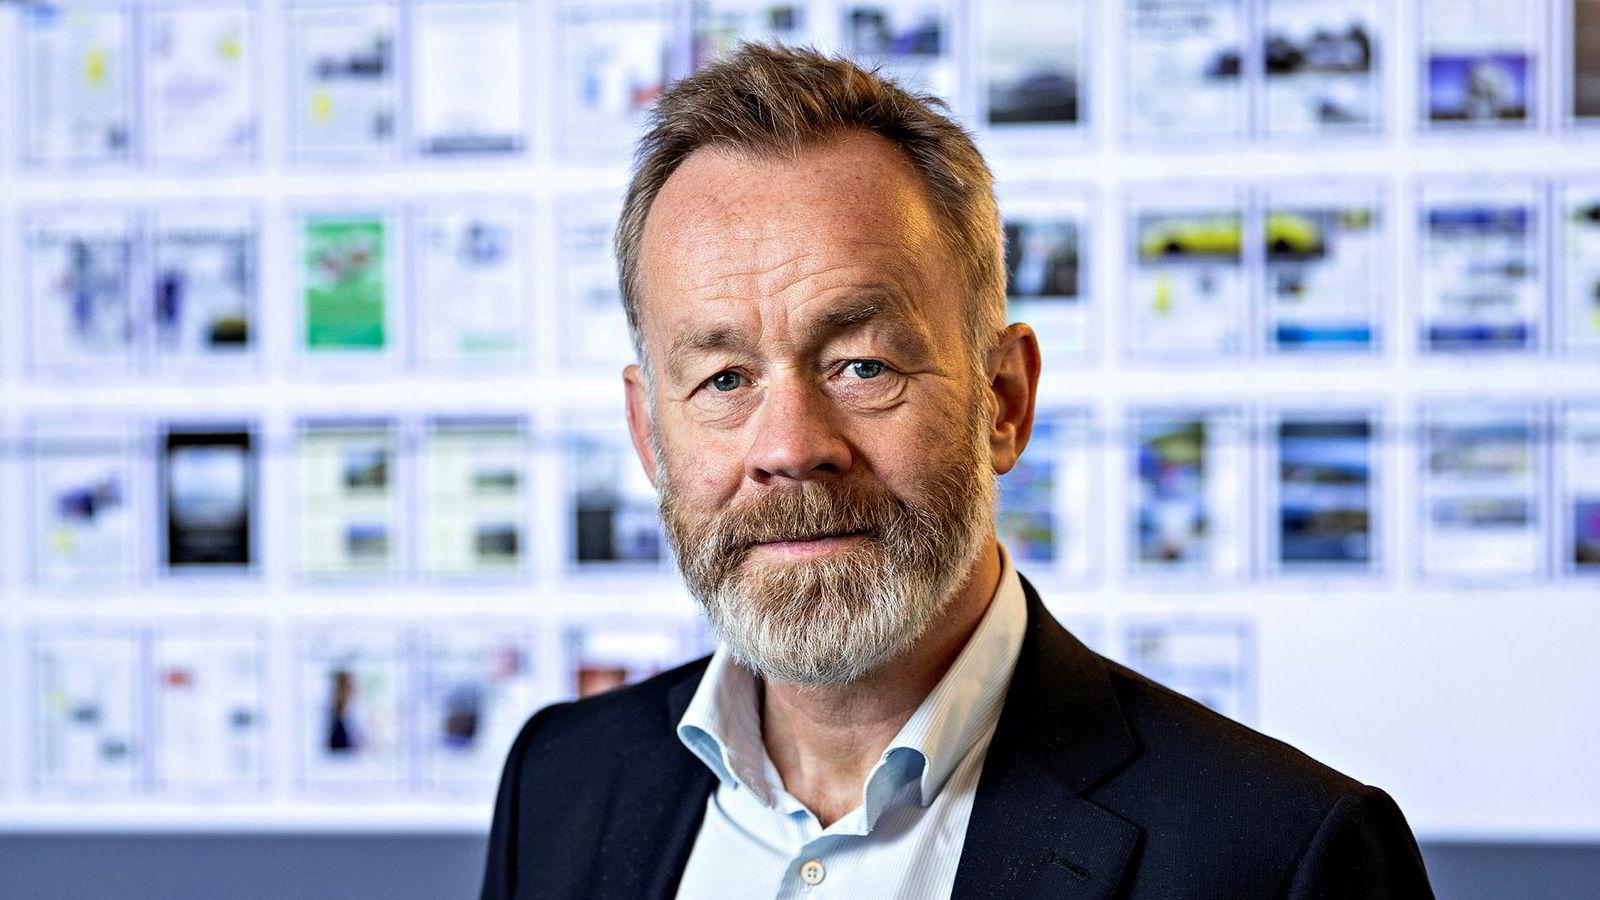 Sjefredaktør og administrerende direktør i Dagens Næringsliv Amund Djuve informerte de ansatte om nedskjæringer på et allmøte torsdag.